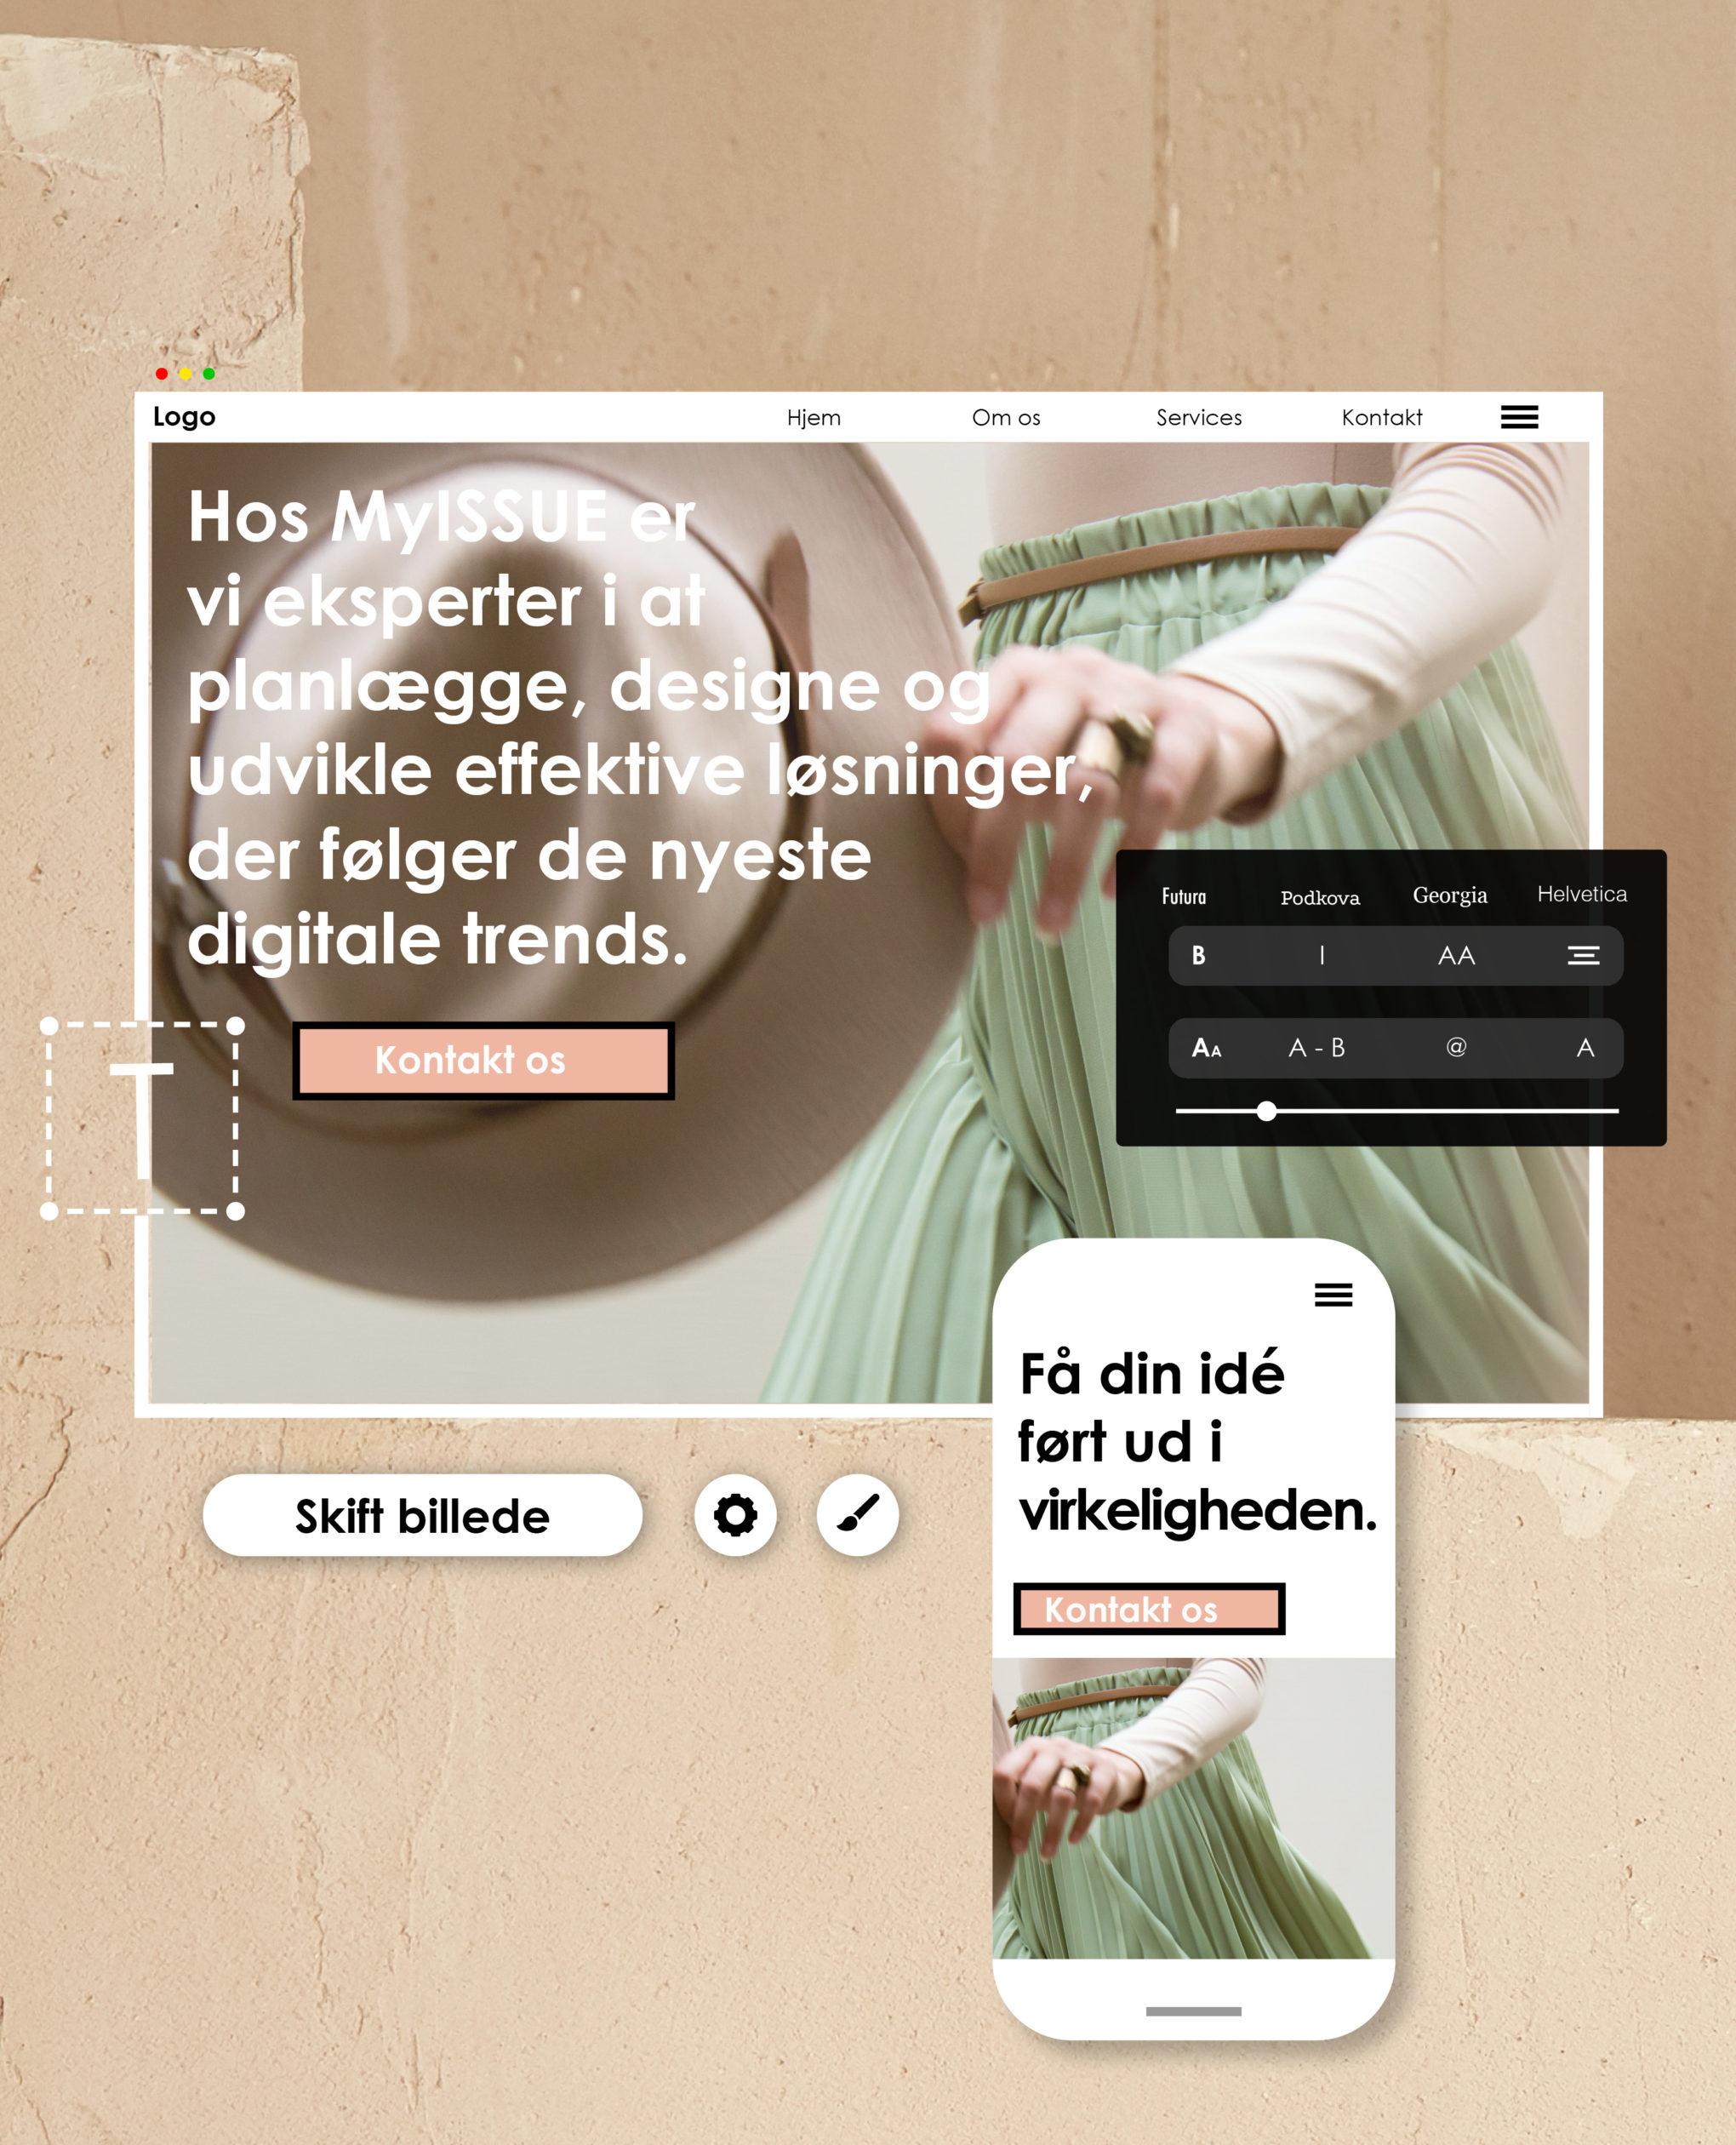 launch ny hjemmeside med myissue.dk ny